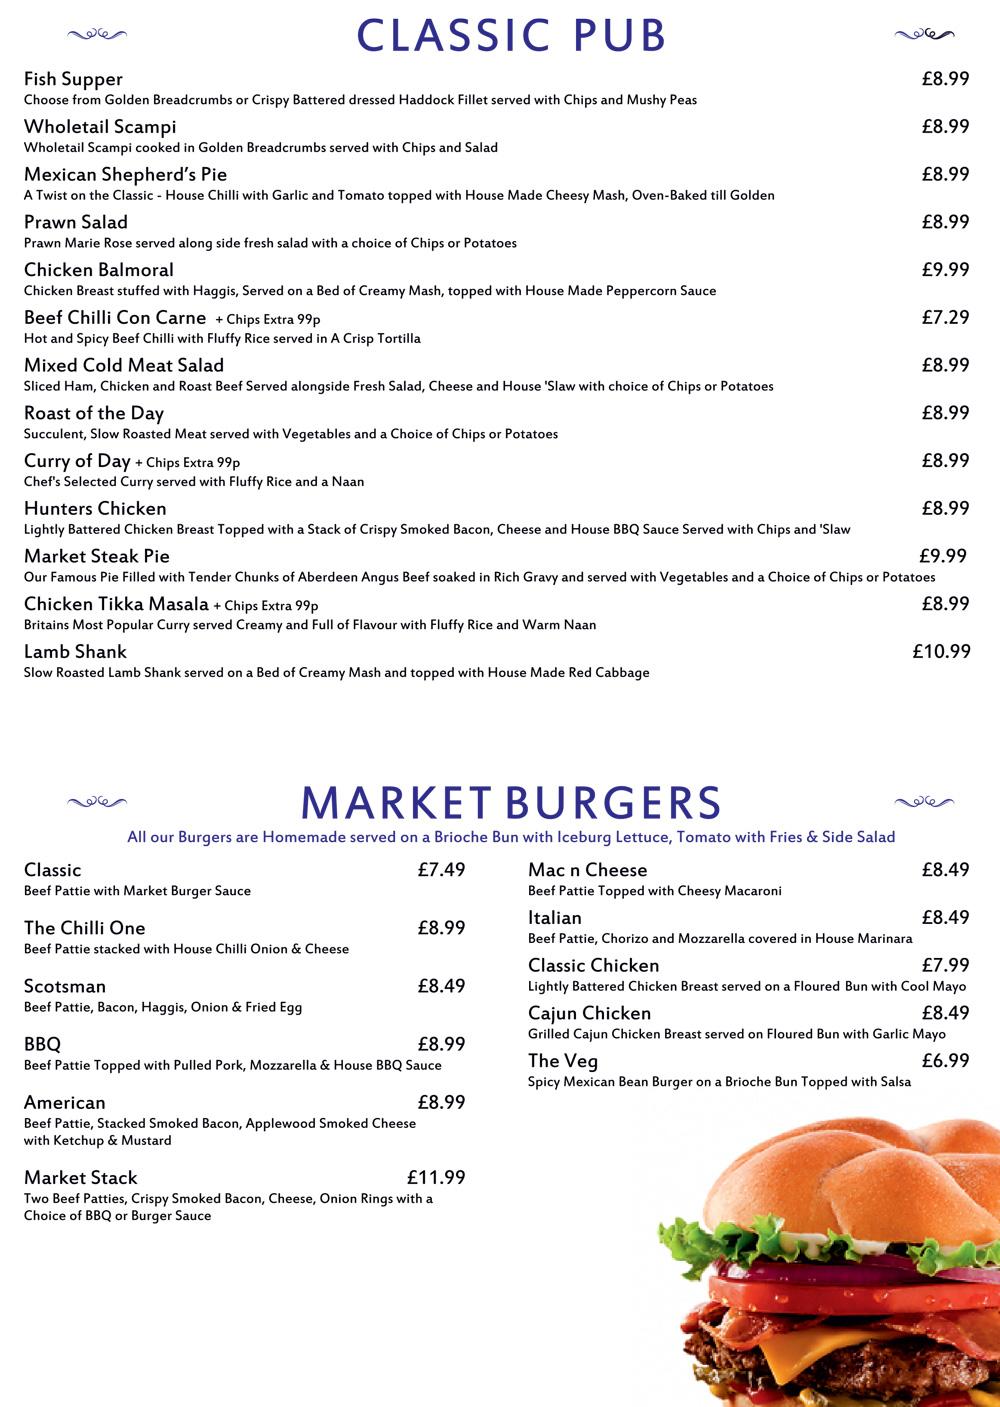 classic pub menu